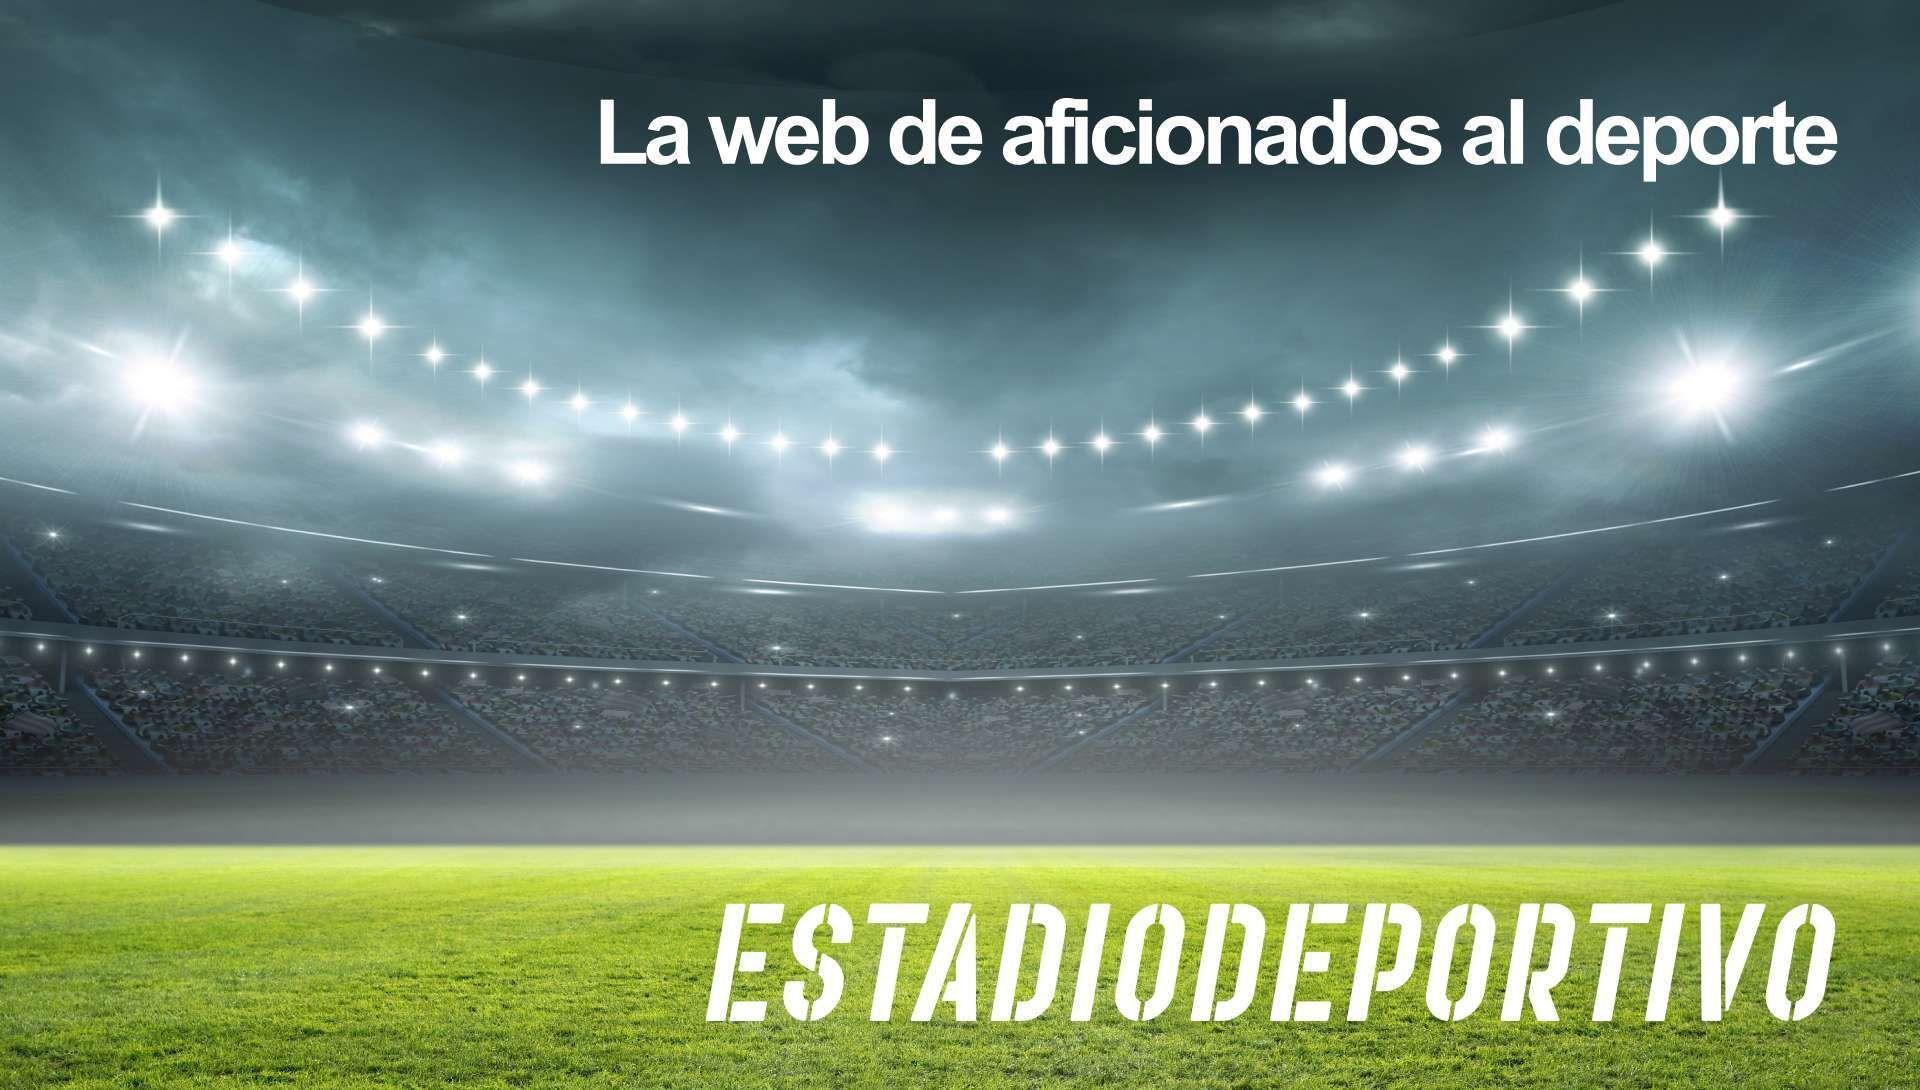 Las portadas del 16 de septiembre